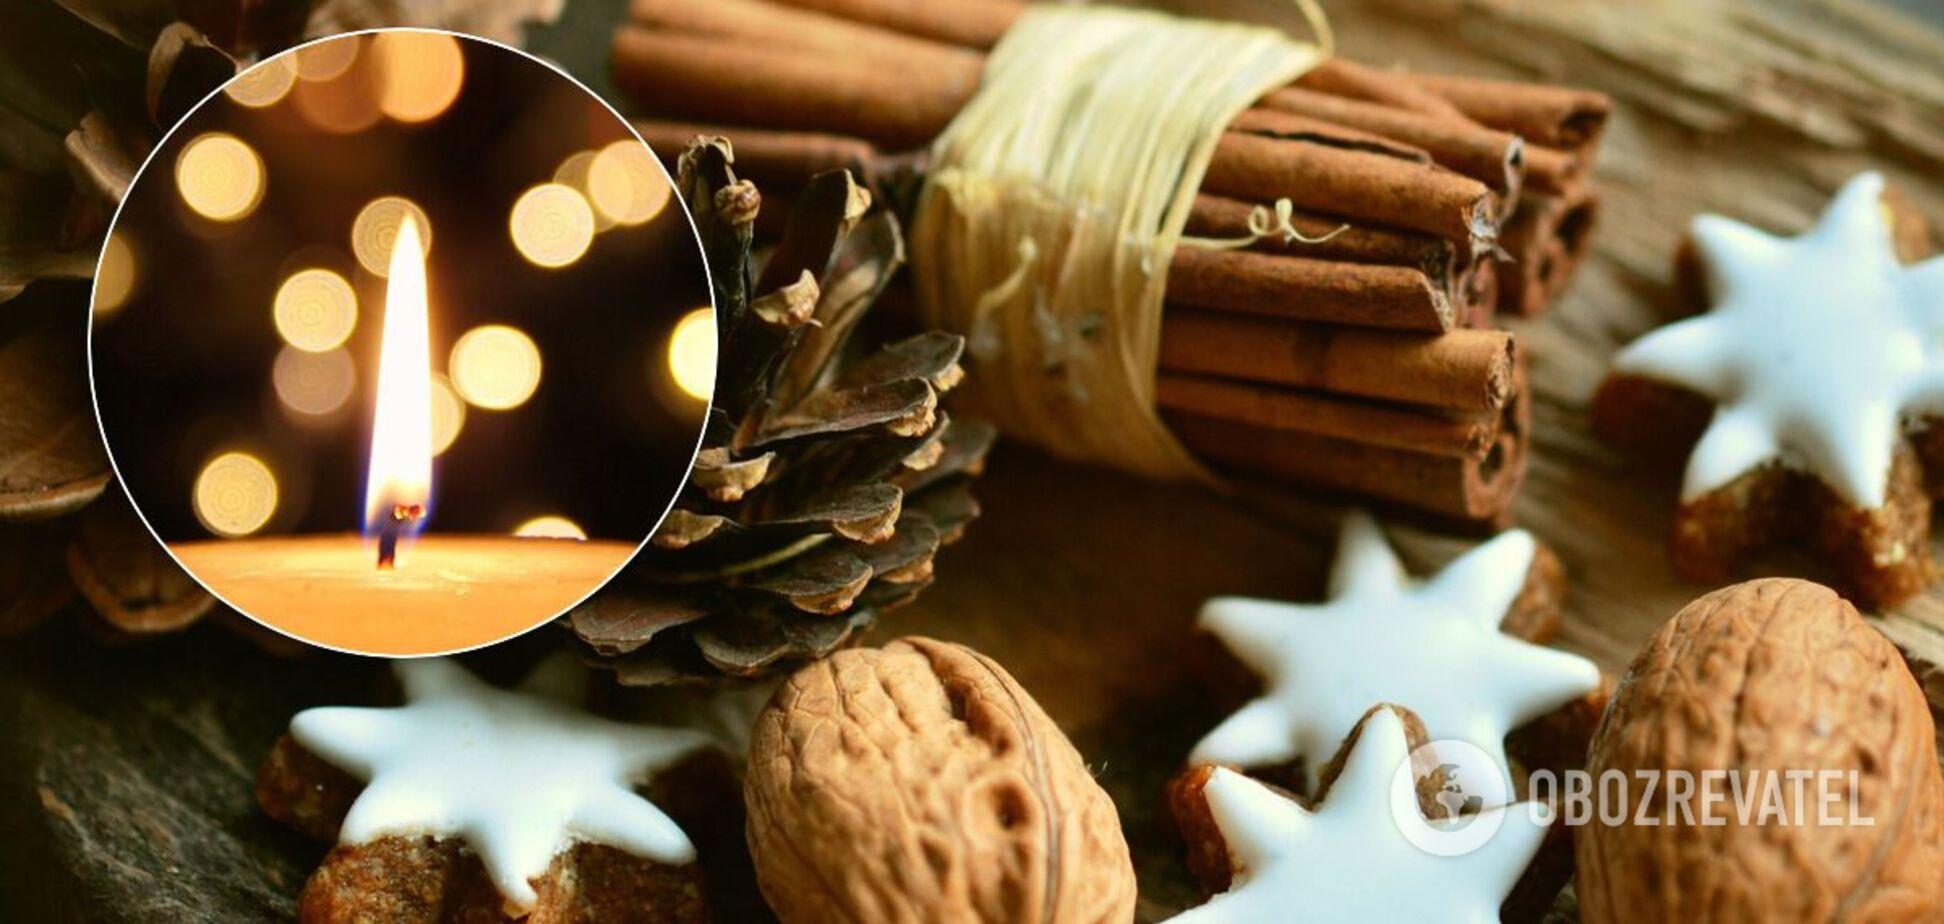 Рождественский пост ежегодно приходится на период с 28 ноября по 6 января включительно